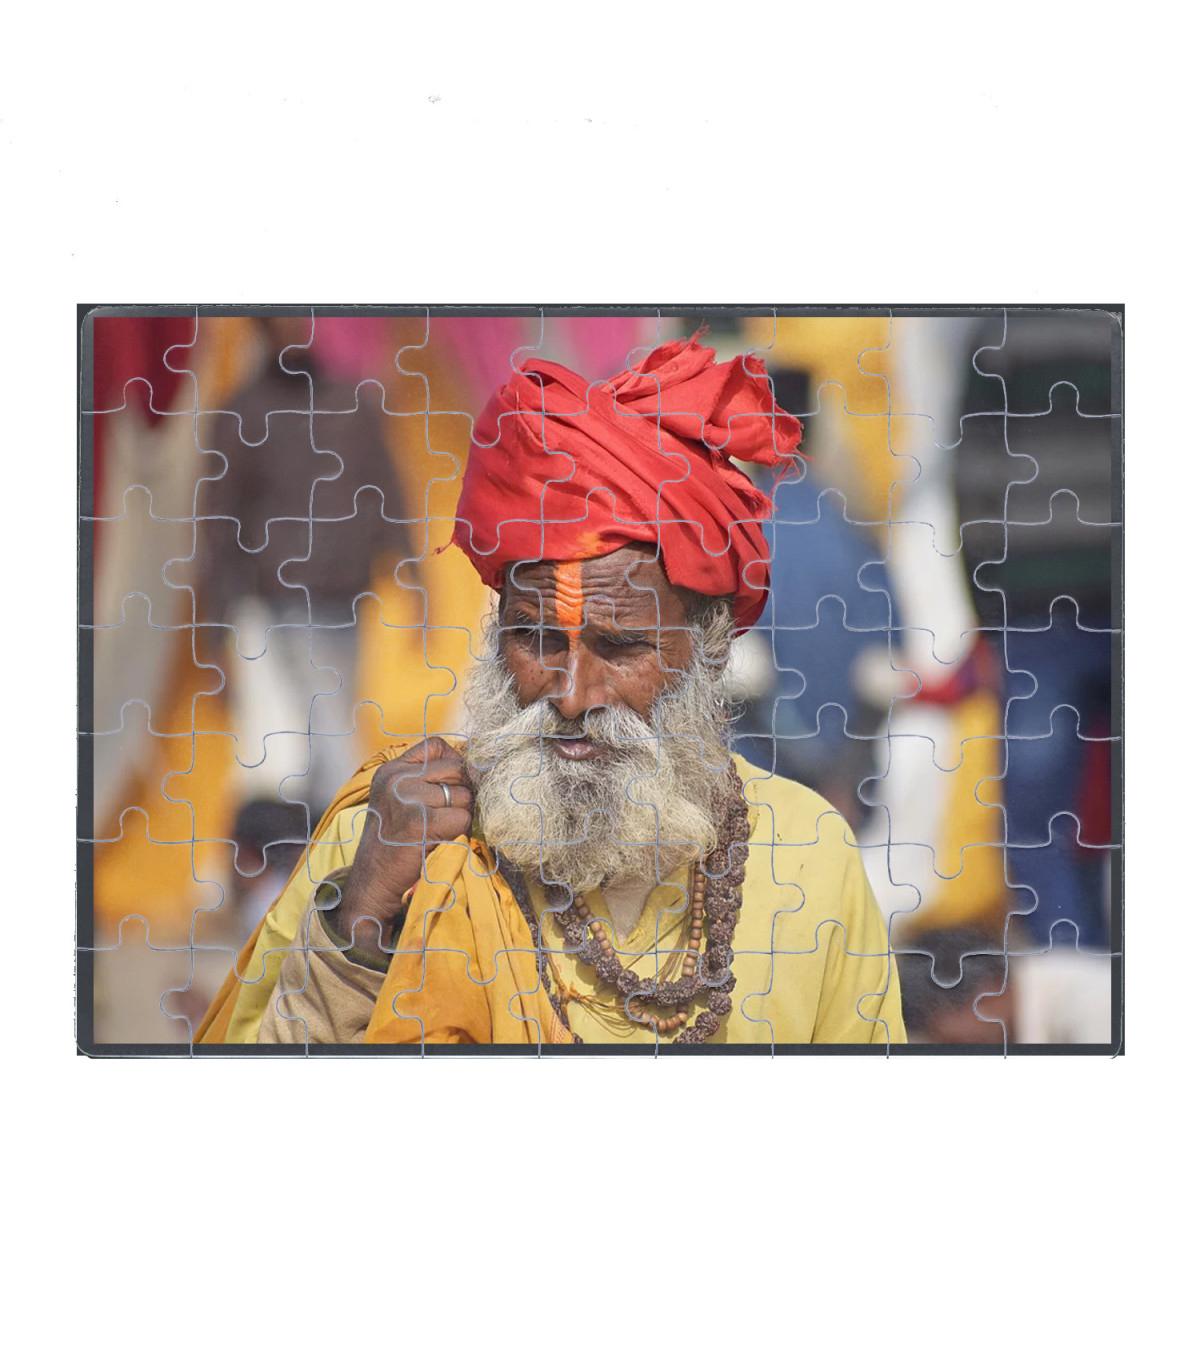 Puzzle Magnétique 13X18 Cms avec Puzzle Gratuit Facile